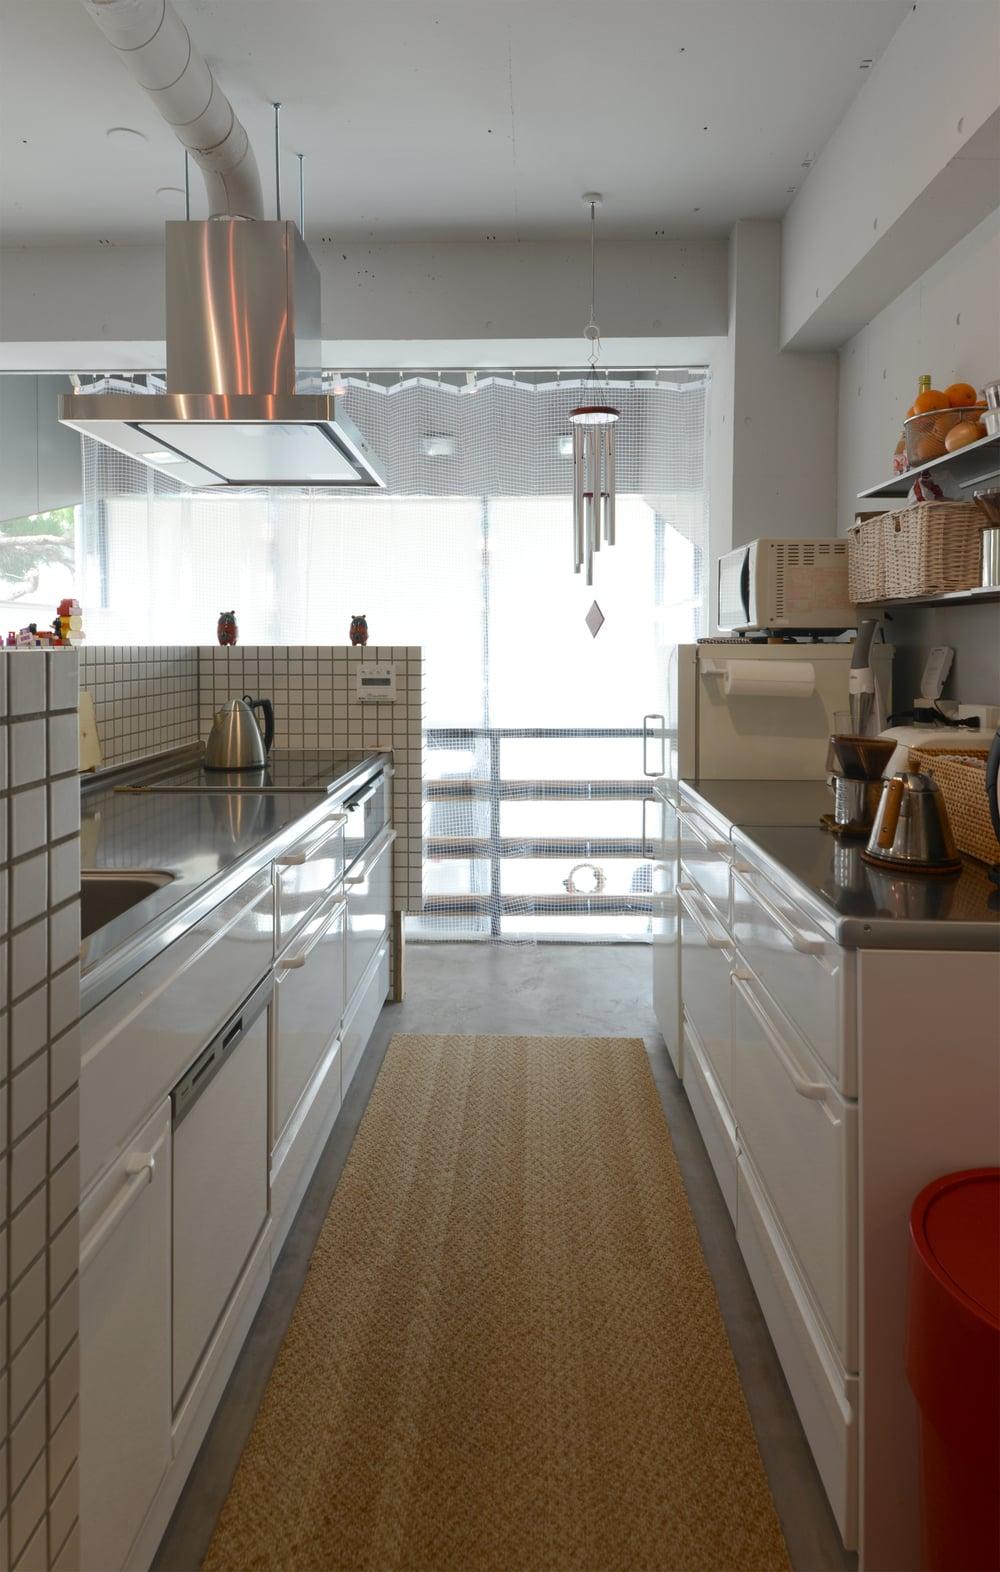 食器洗い乾燥機の位置が珍しい。シンクから近い距離にあります。